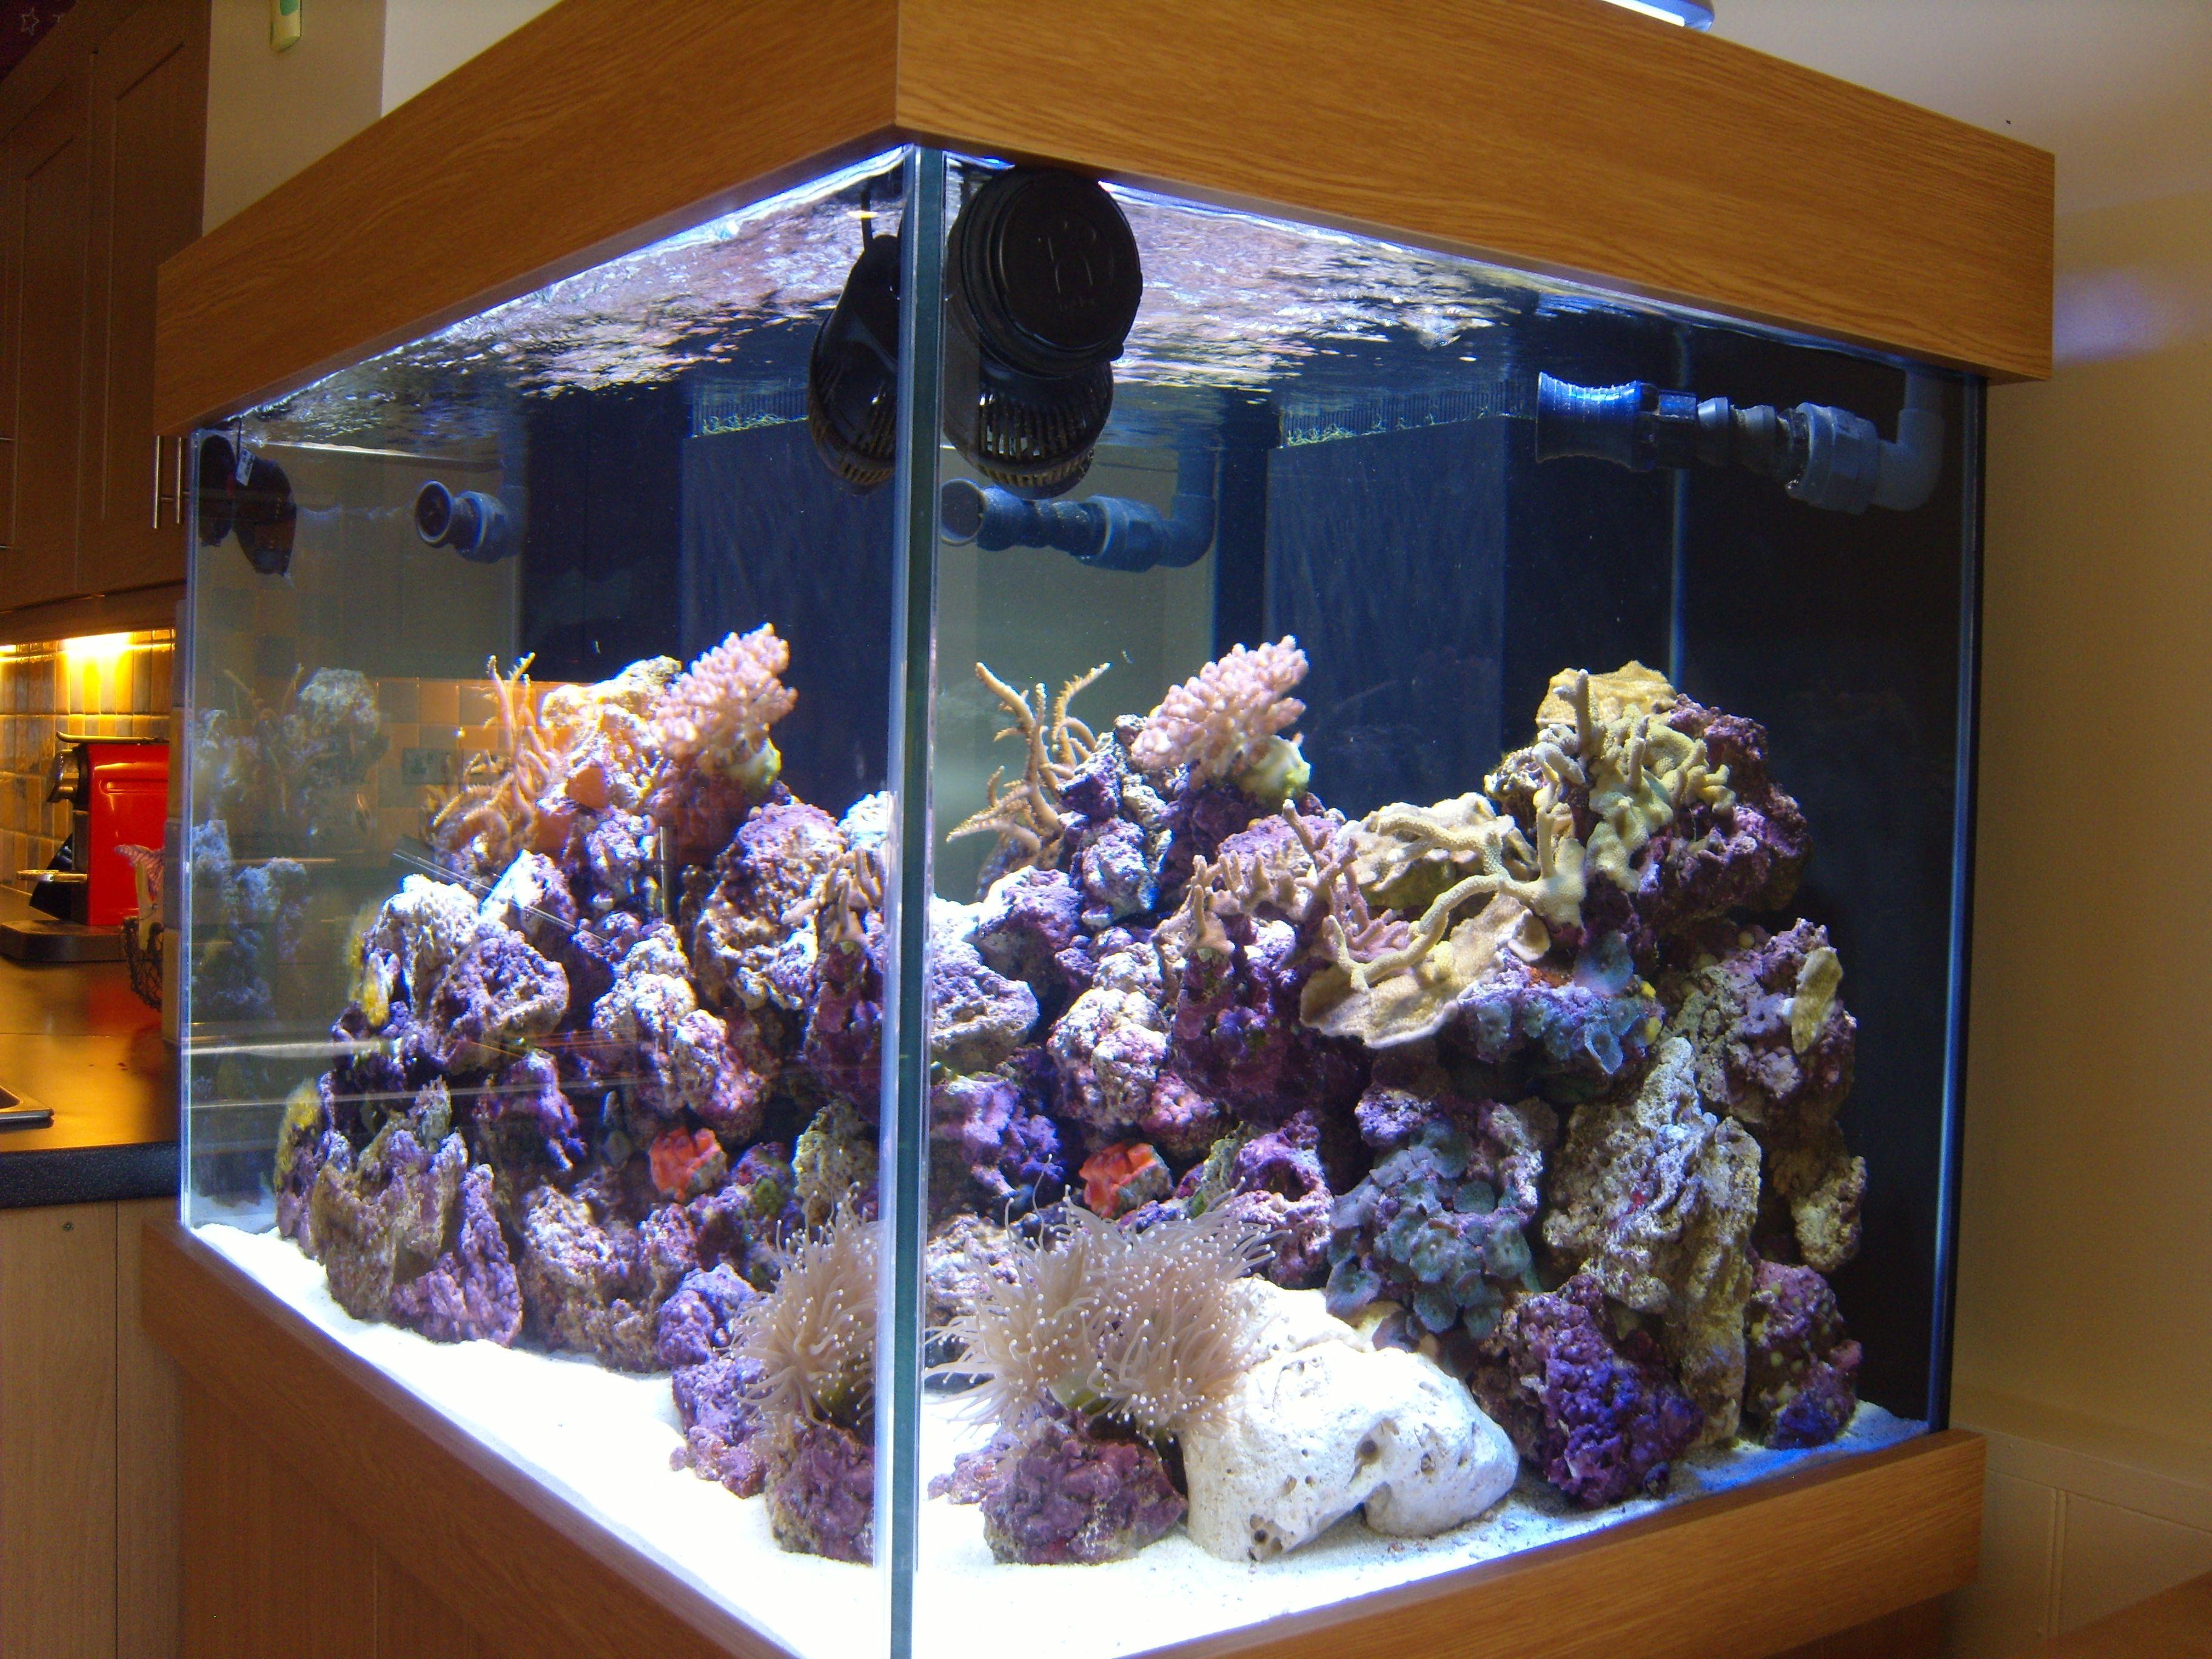 Aquarium fish tank manufacturers - Marine Aquarium 36x24x24 With Cabinet And Sump Tank From Prime Aquariums Your Custom Fish Tank